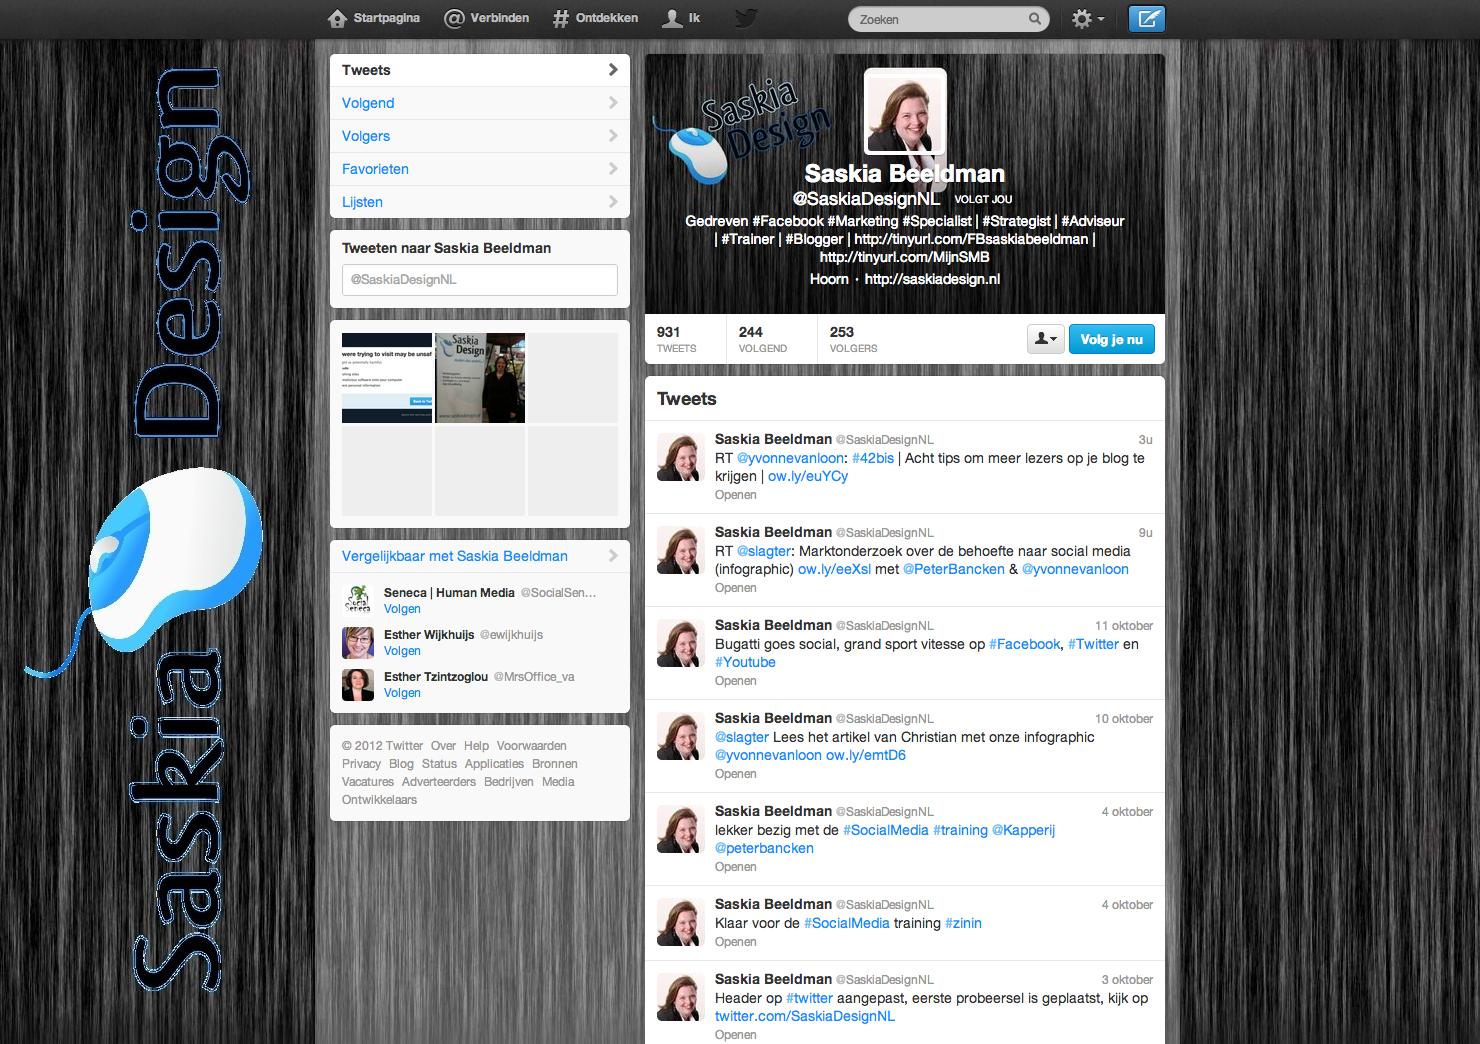 Twitter @SaskiaDesignNL